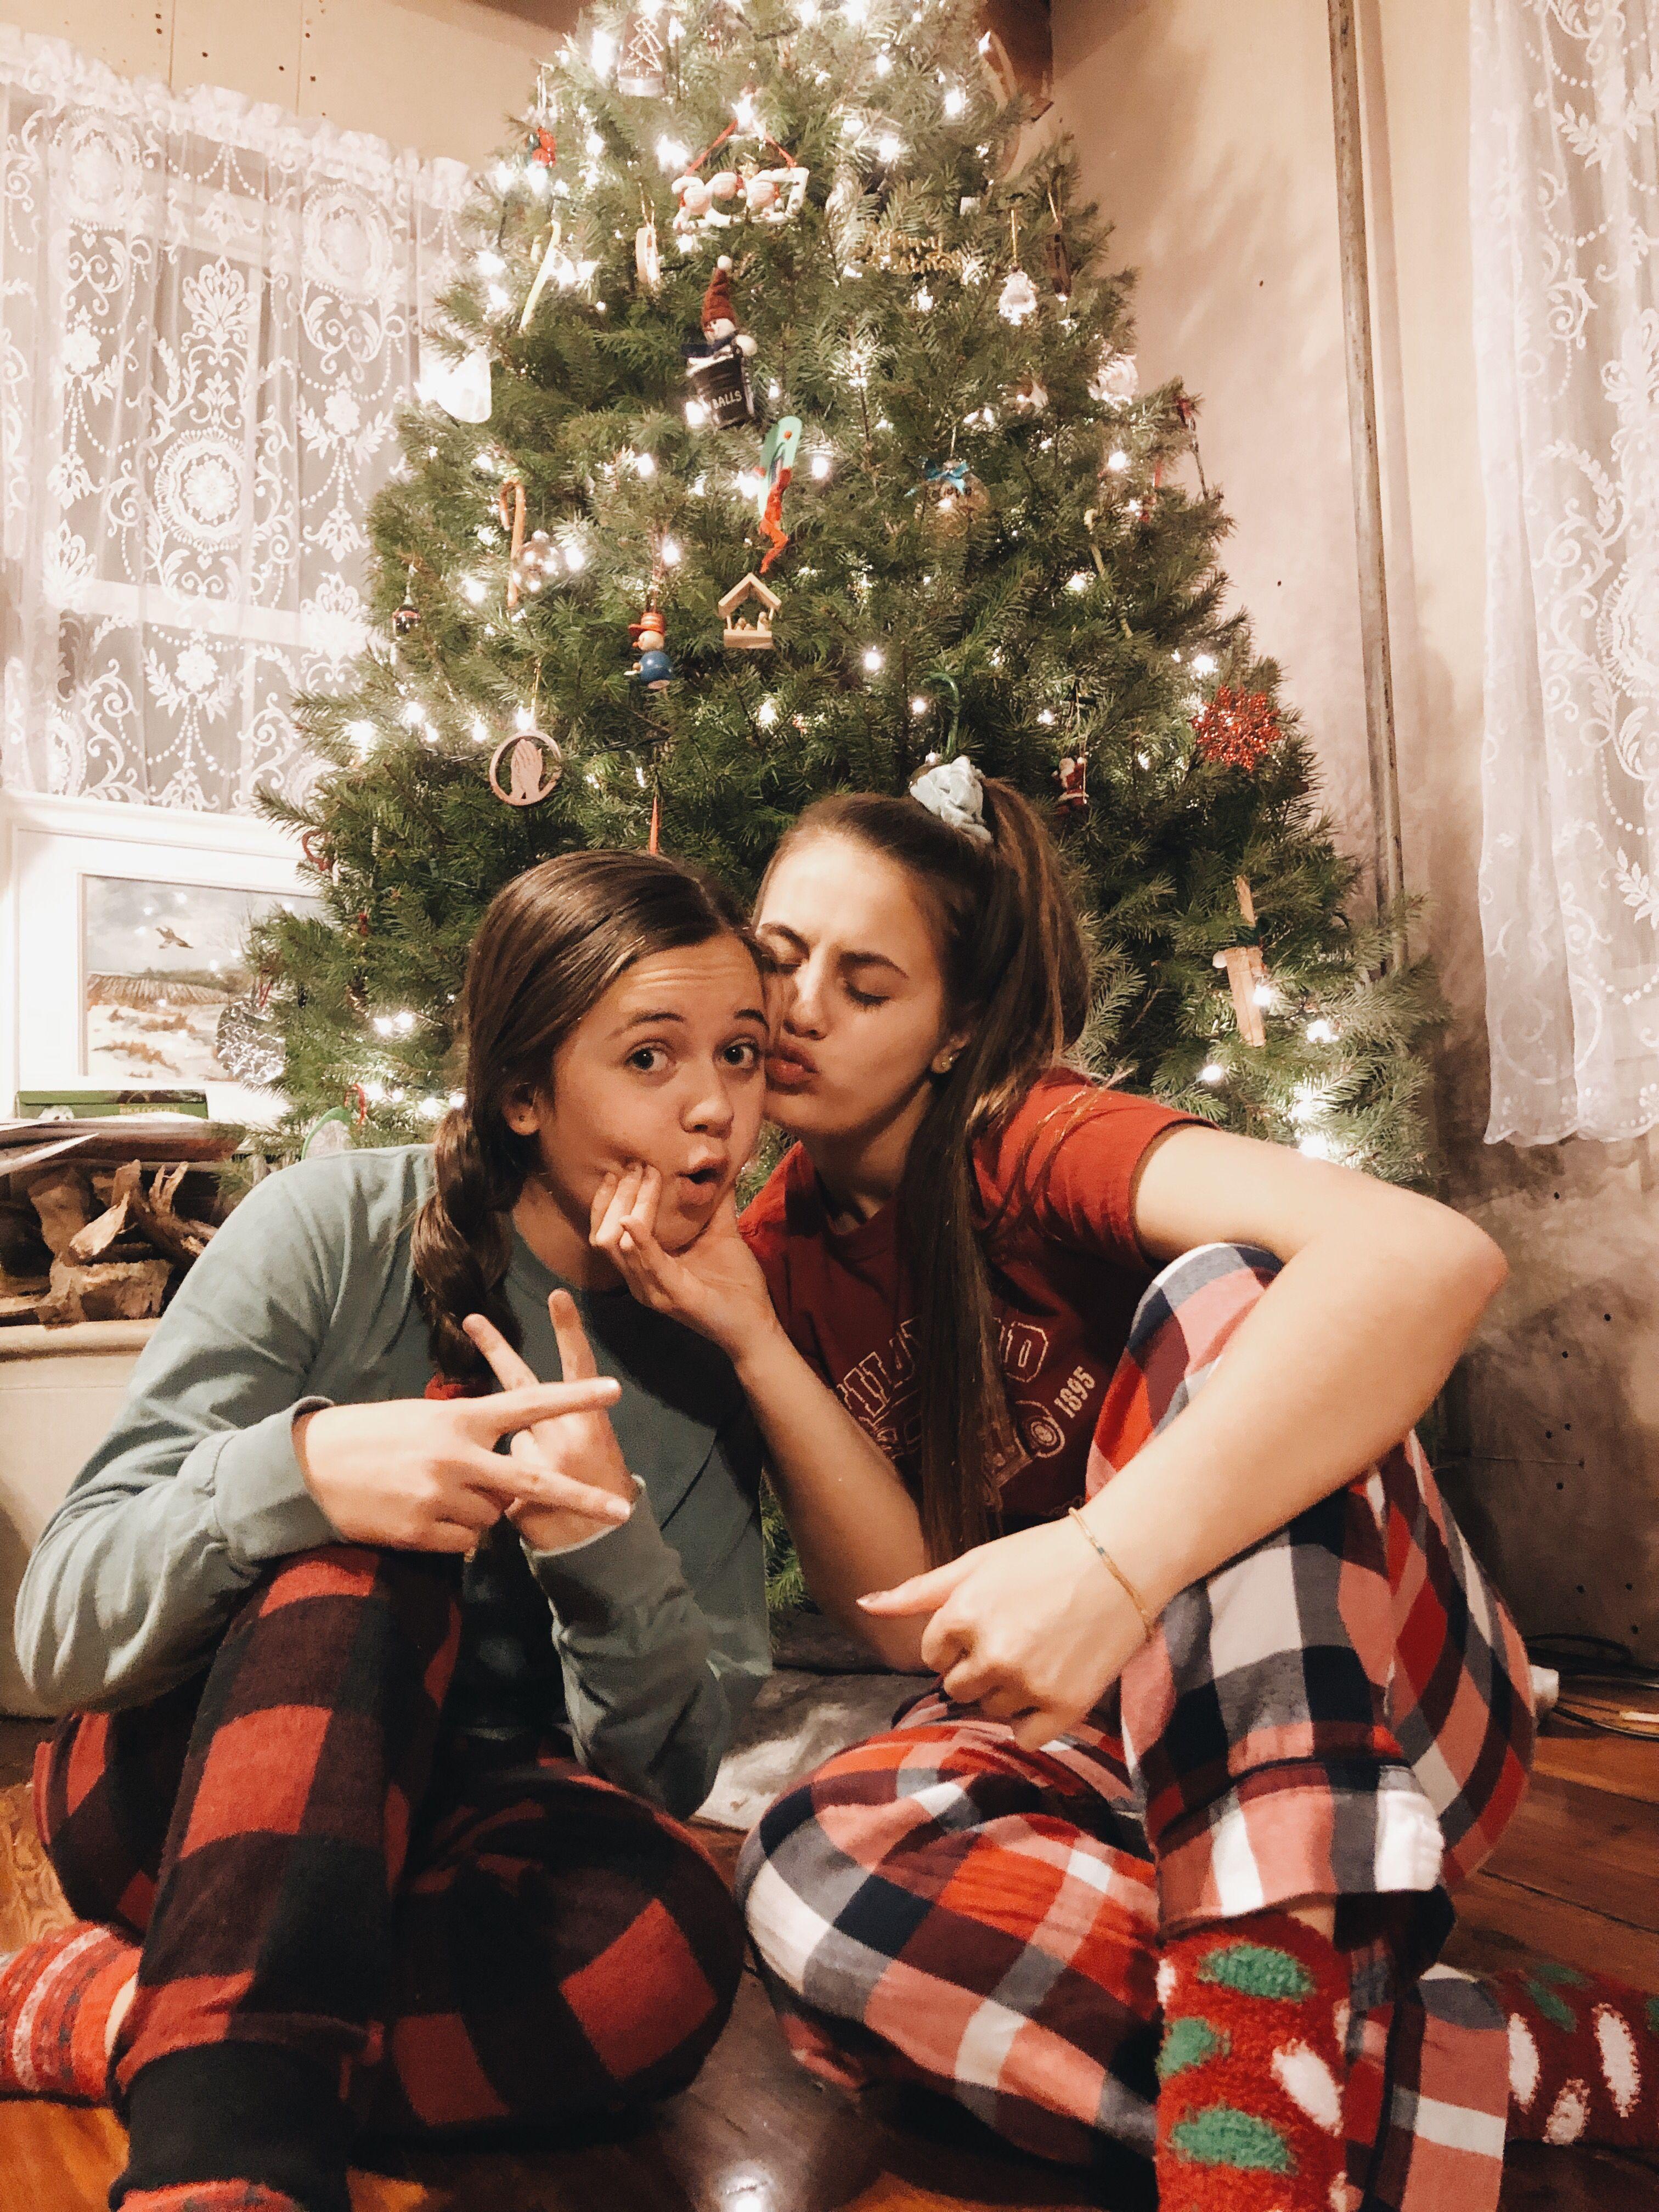 Tumblr Instagram Fotografia Goals Creativas Sentada Invierno Navidad Sentada Christmas Pictures Friends Christmas Photoshoot Friend Photoshoot